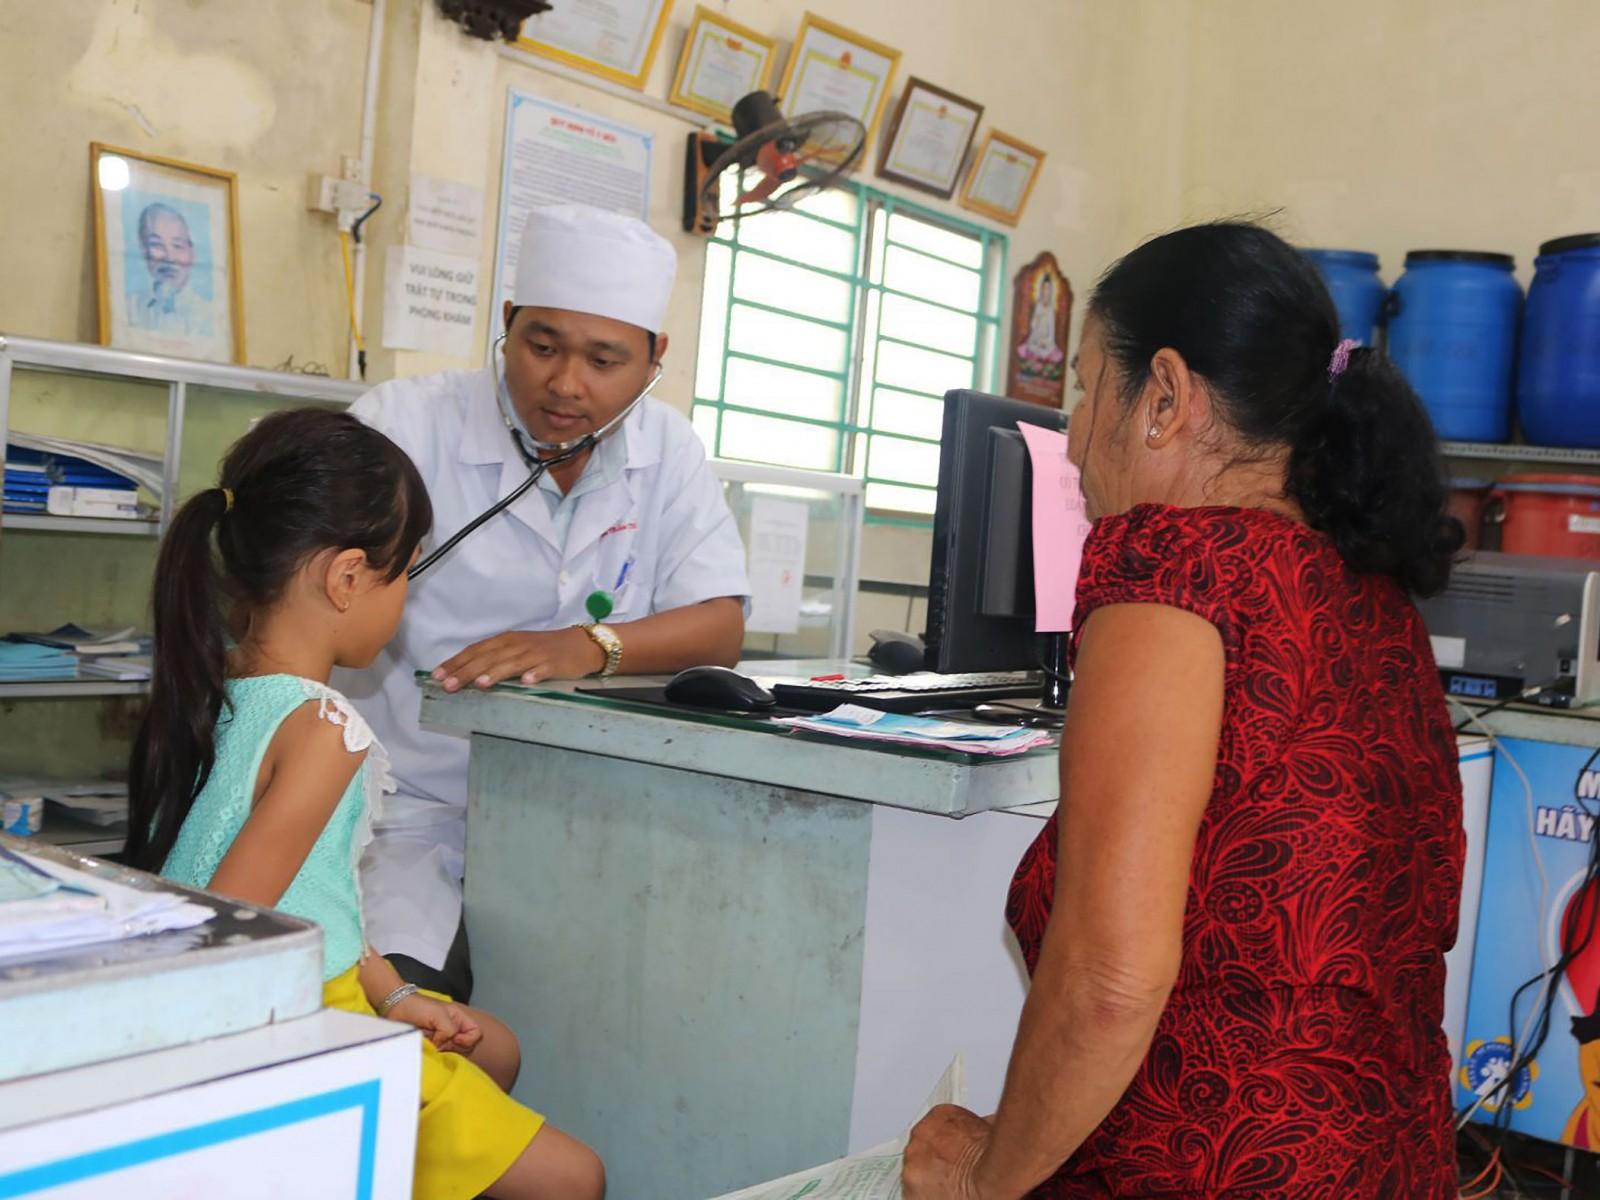 Bác sĩ gia đình Bùi Trần Trí Sỹ khám bệnh cho trẻ tại Trạm y tế phường Tân Hưng, quận Thốt Nốt, TP Cần Thơ.